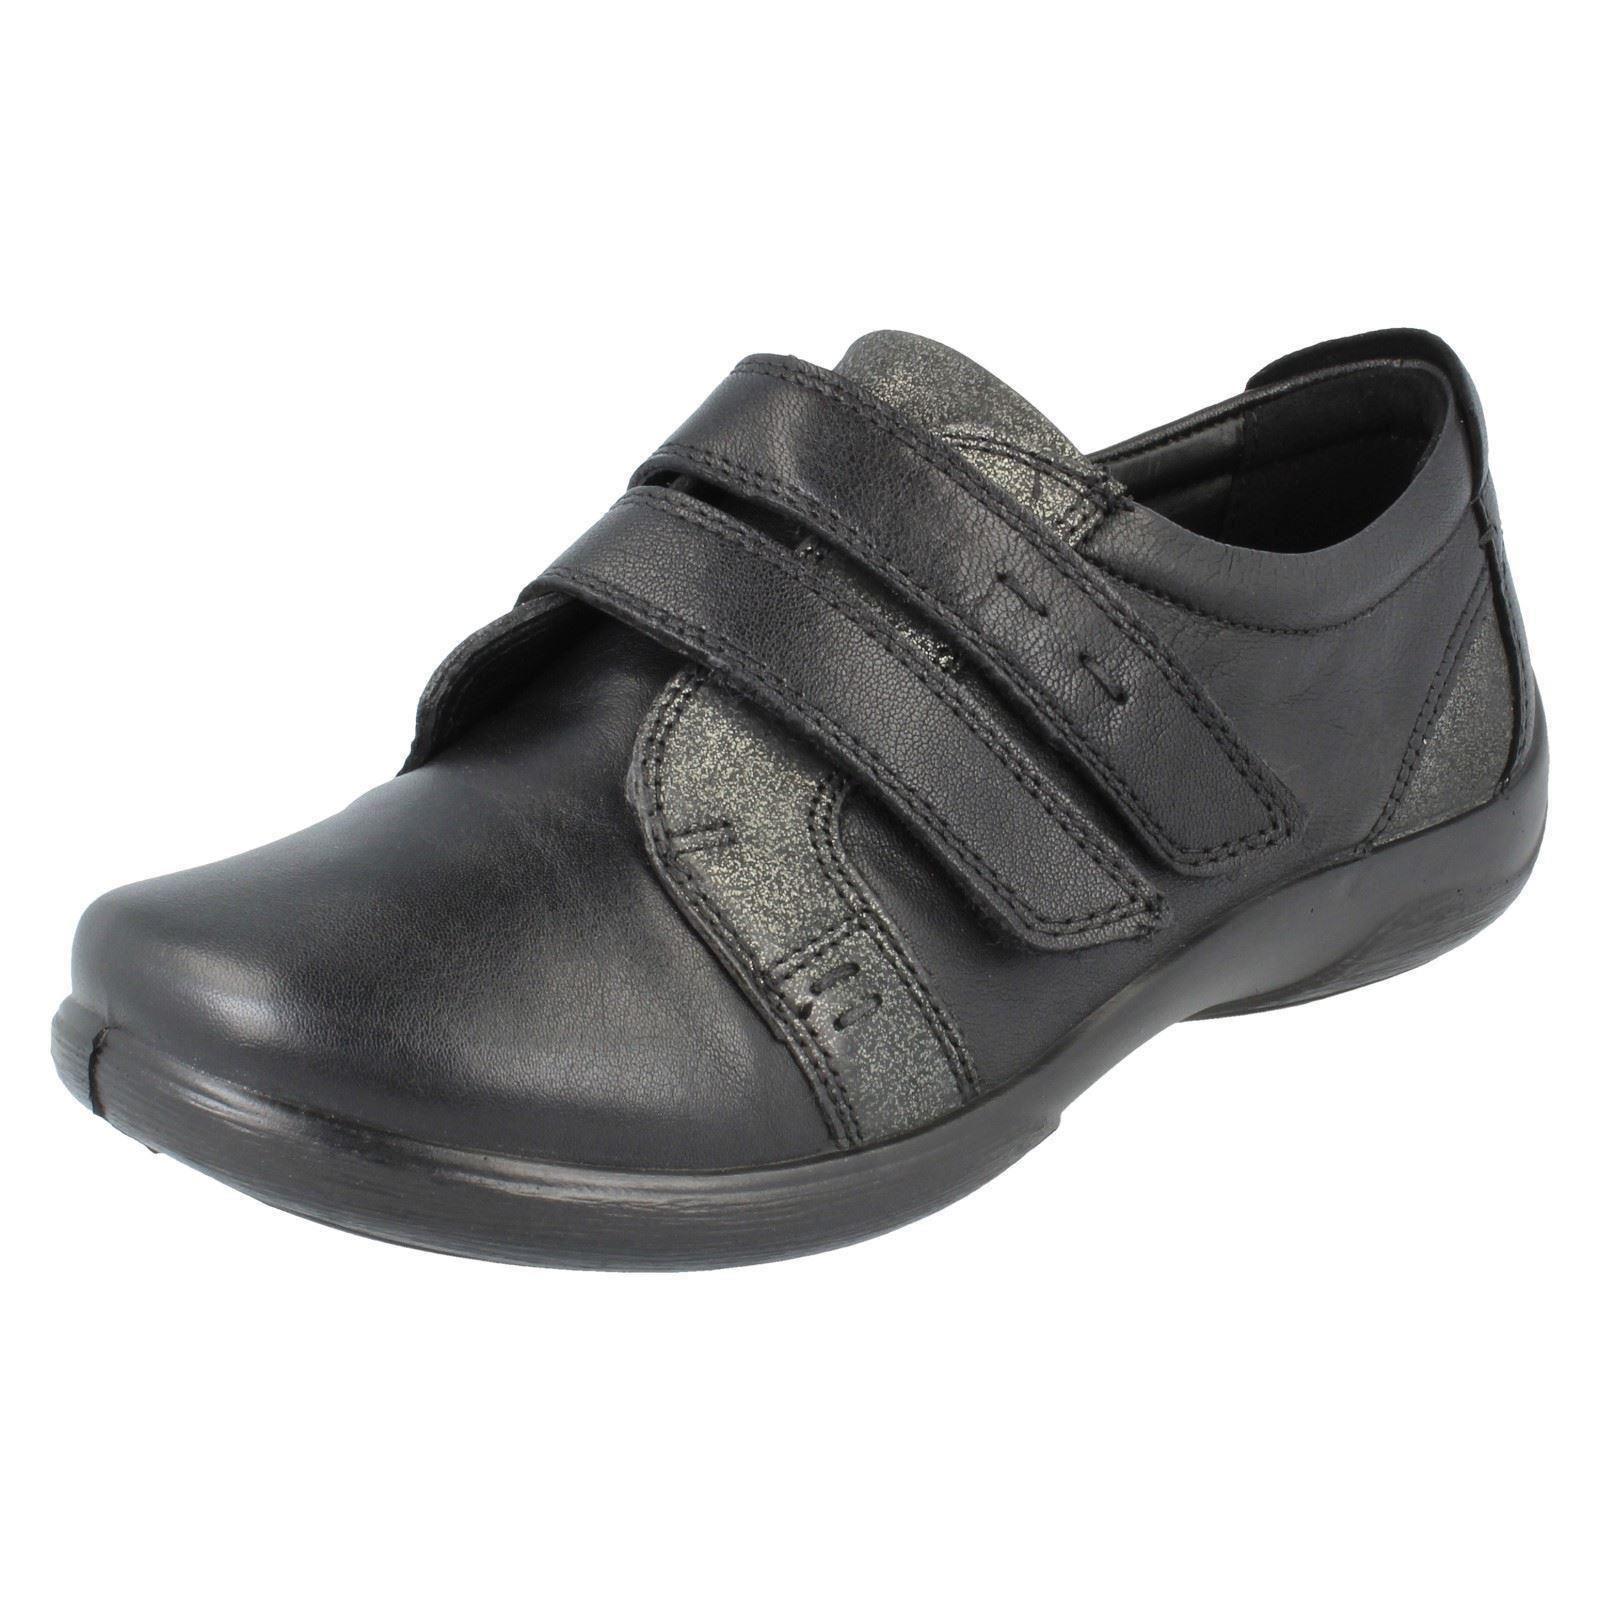 Padders Piano, Zapatillas para Mujer, Black (Black), 40 EU